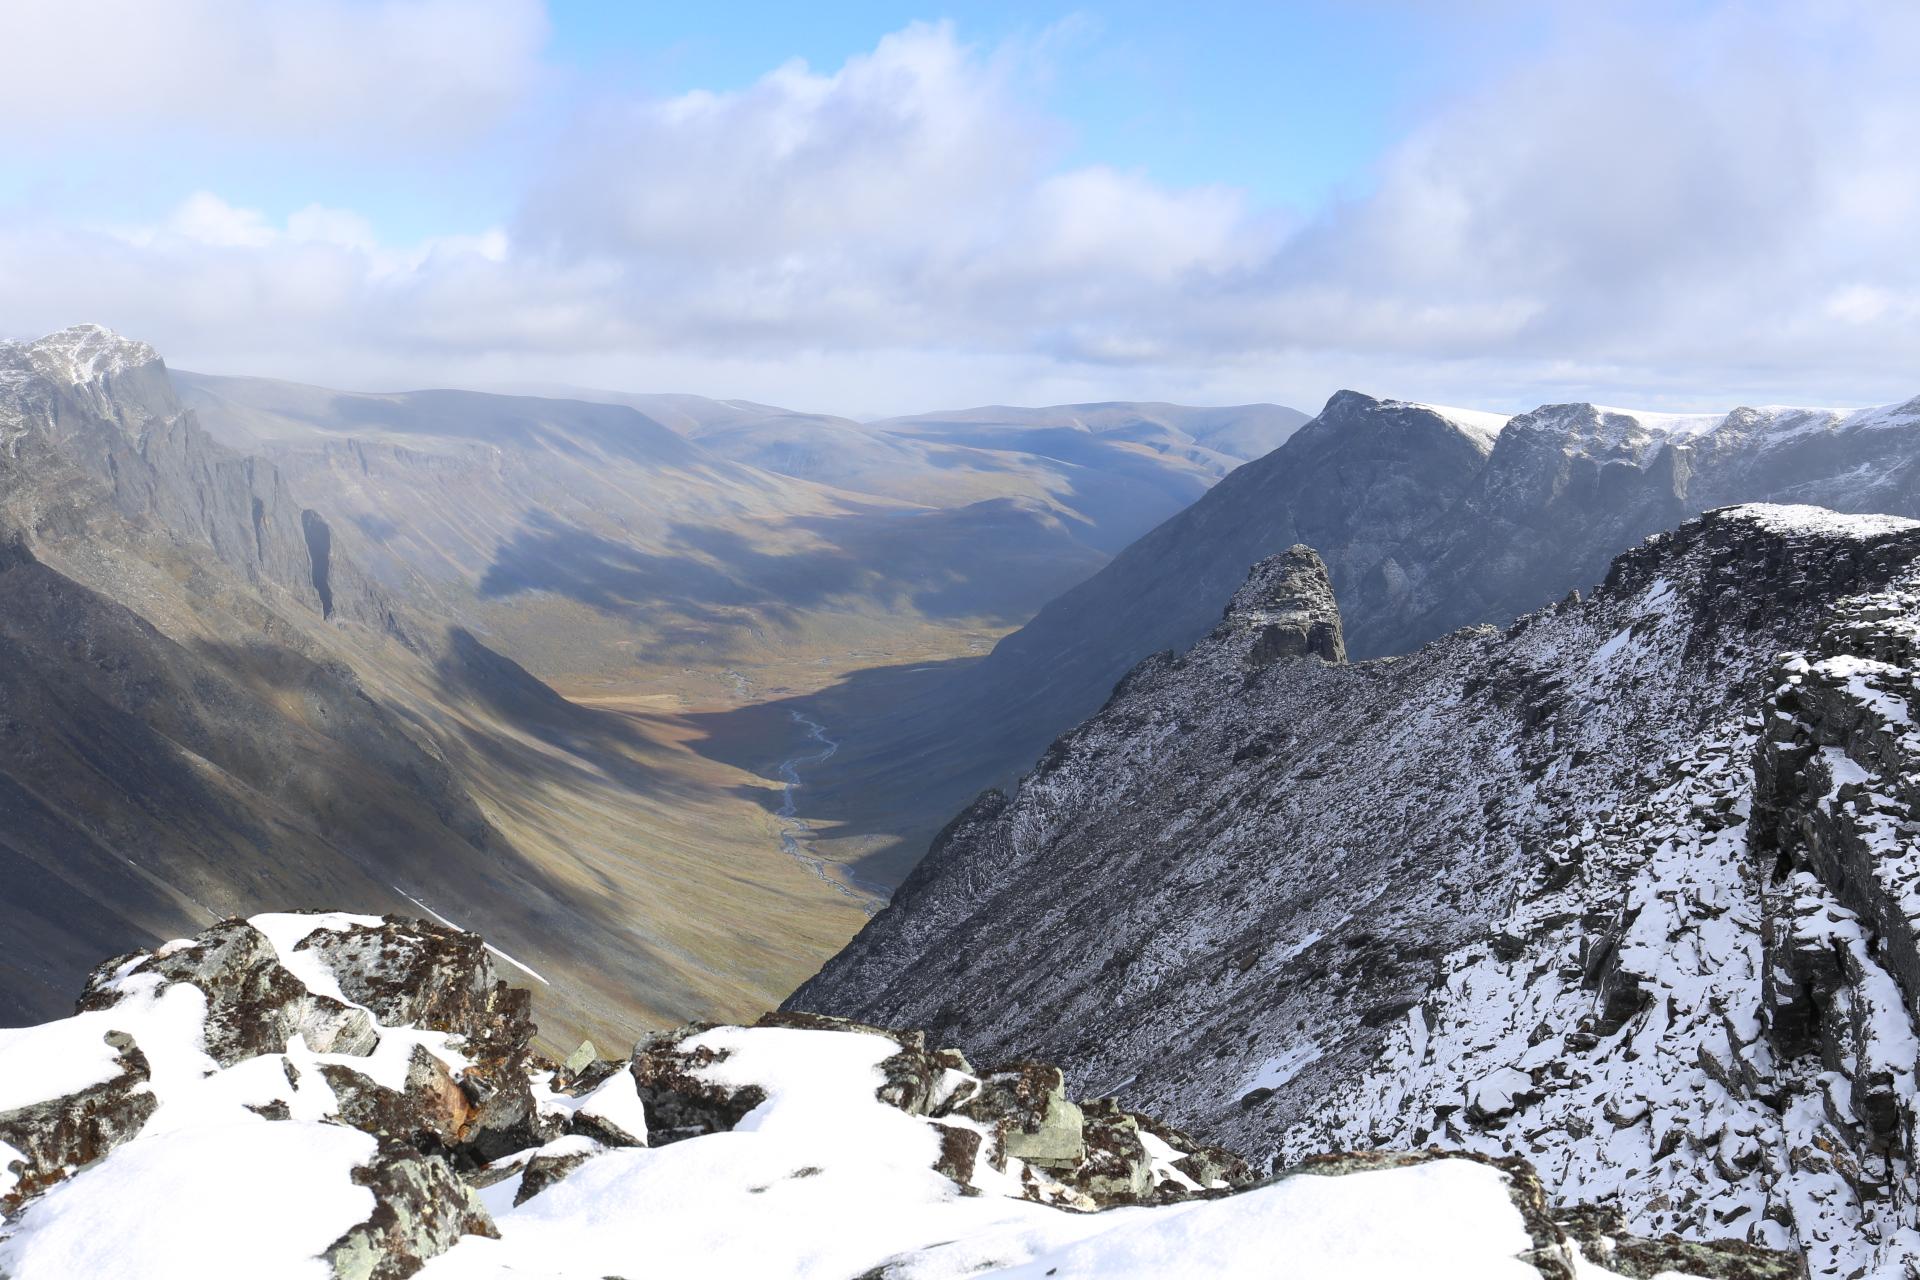 Utsikt österut från toppen mot Vistasvagge och nålen uppifrån